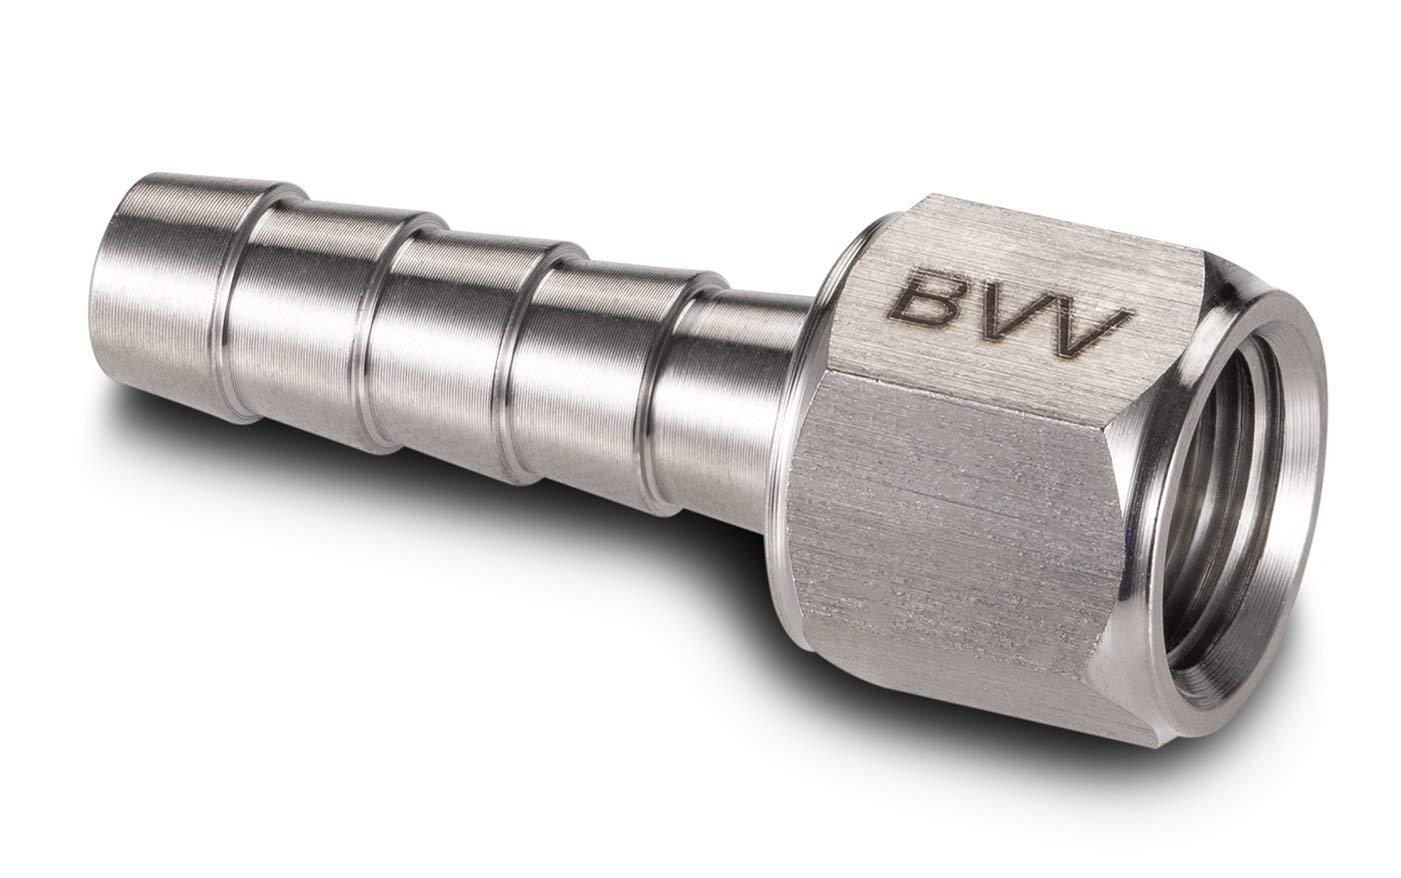 BVV Vacuum Pump 1//4 Barb x 1//4 Flare Adapter